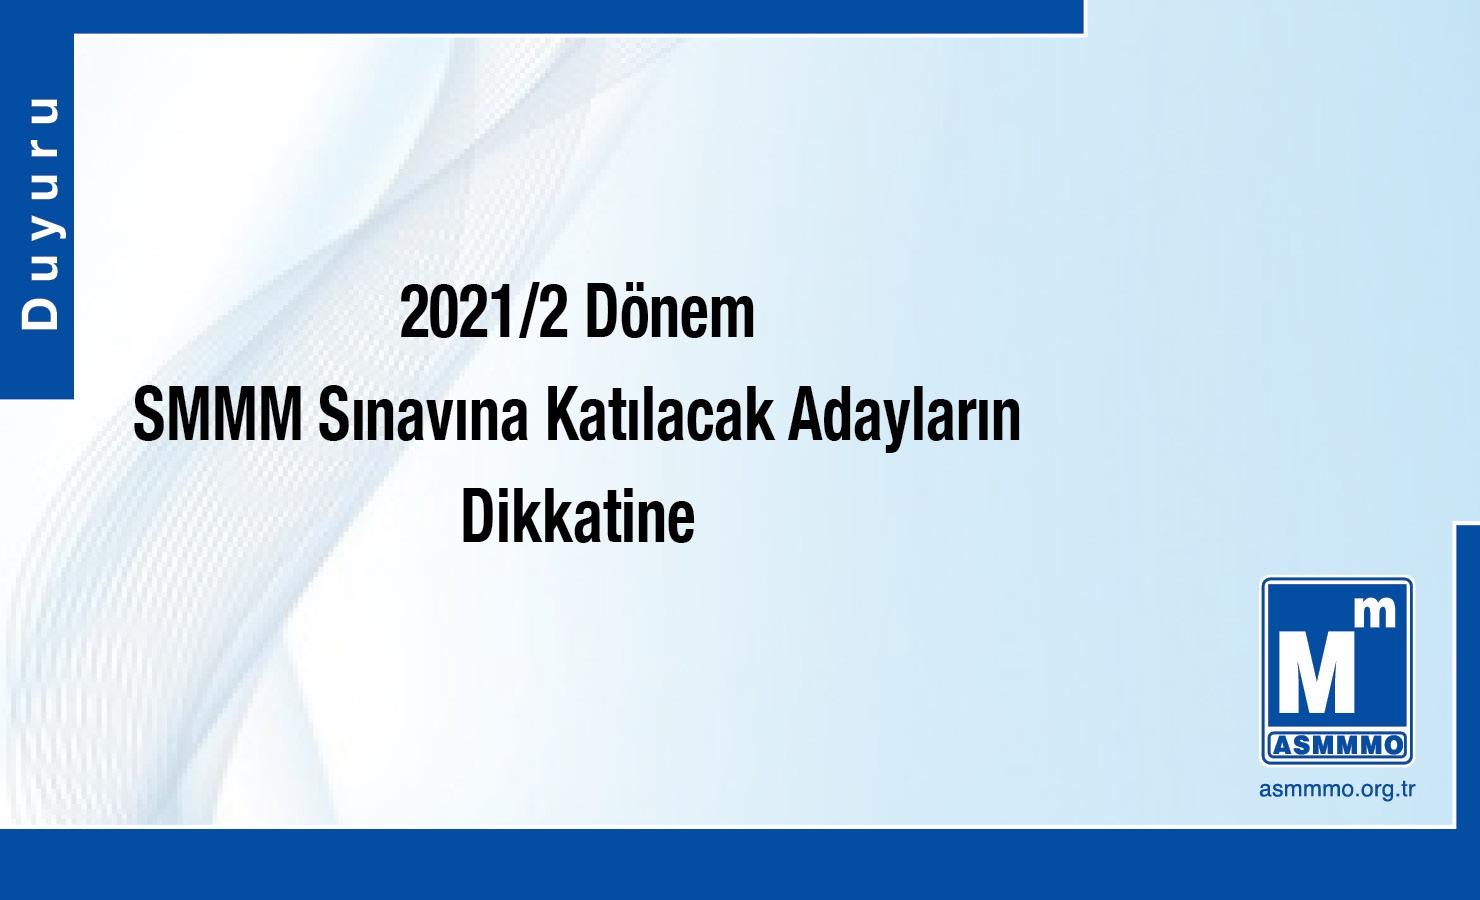 2021/2 Dönem SMMM Sınavına Katılacak Adayların Dikkatine